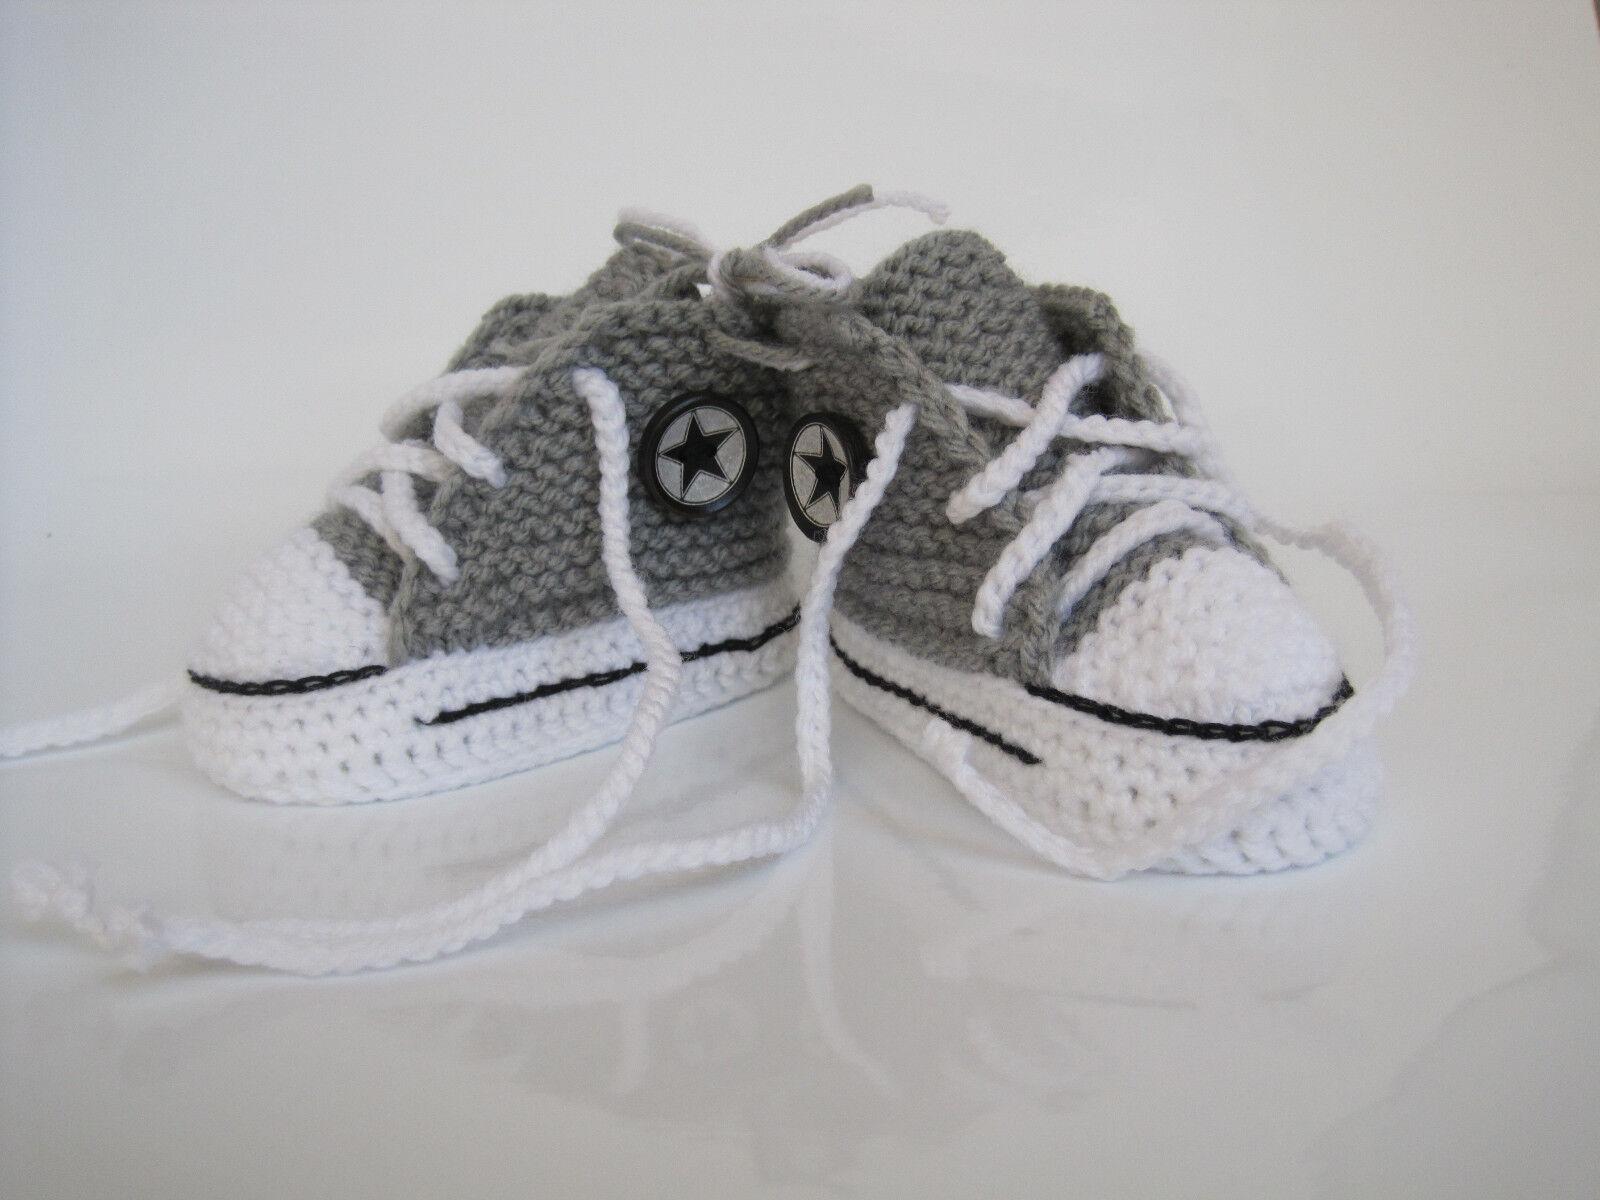 Converse Chucks Stern Grau Baby Schuhe Socken 10cm gehäkelt gestrickt Handarbeit